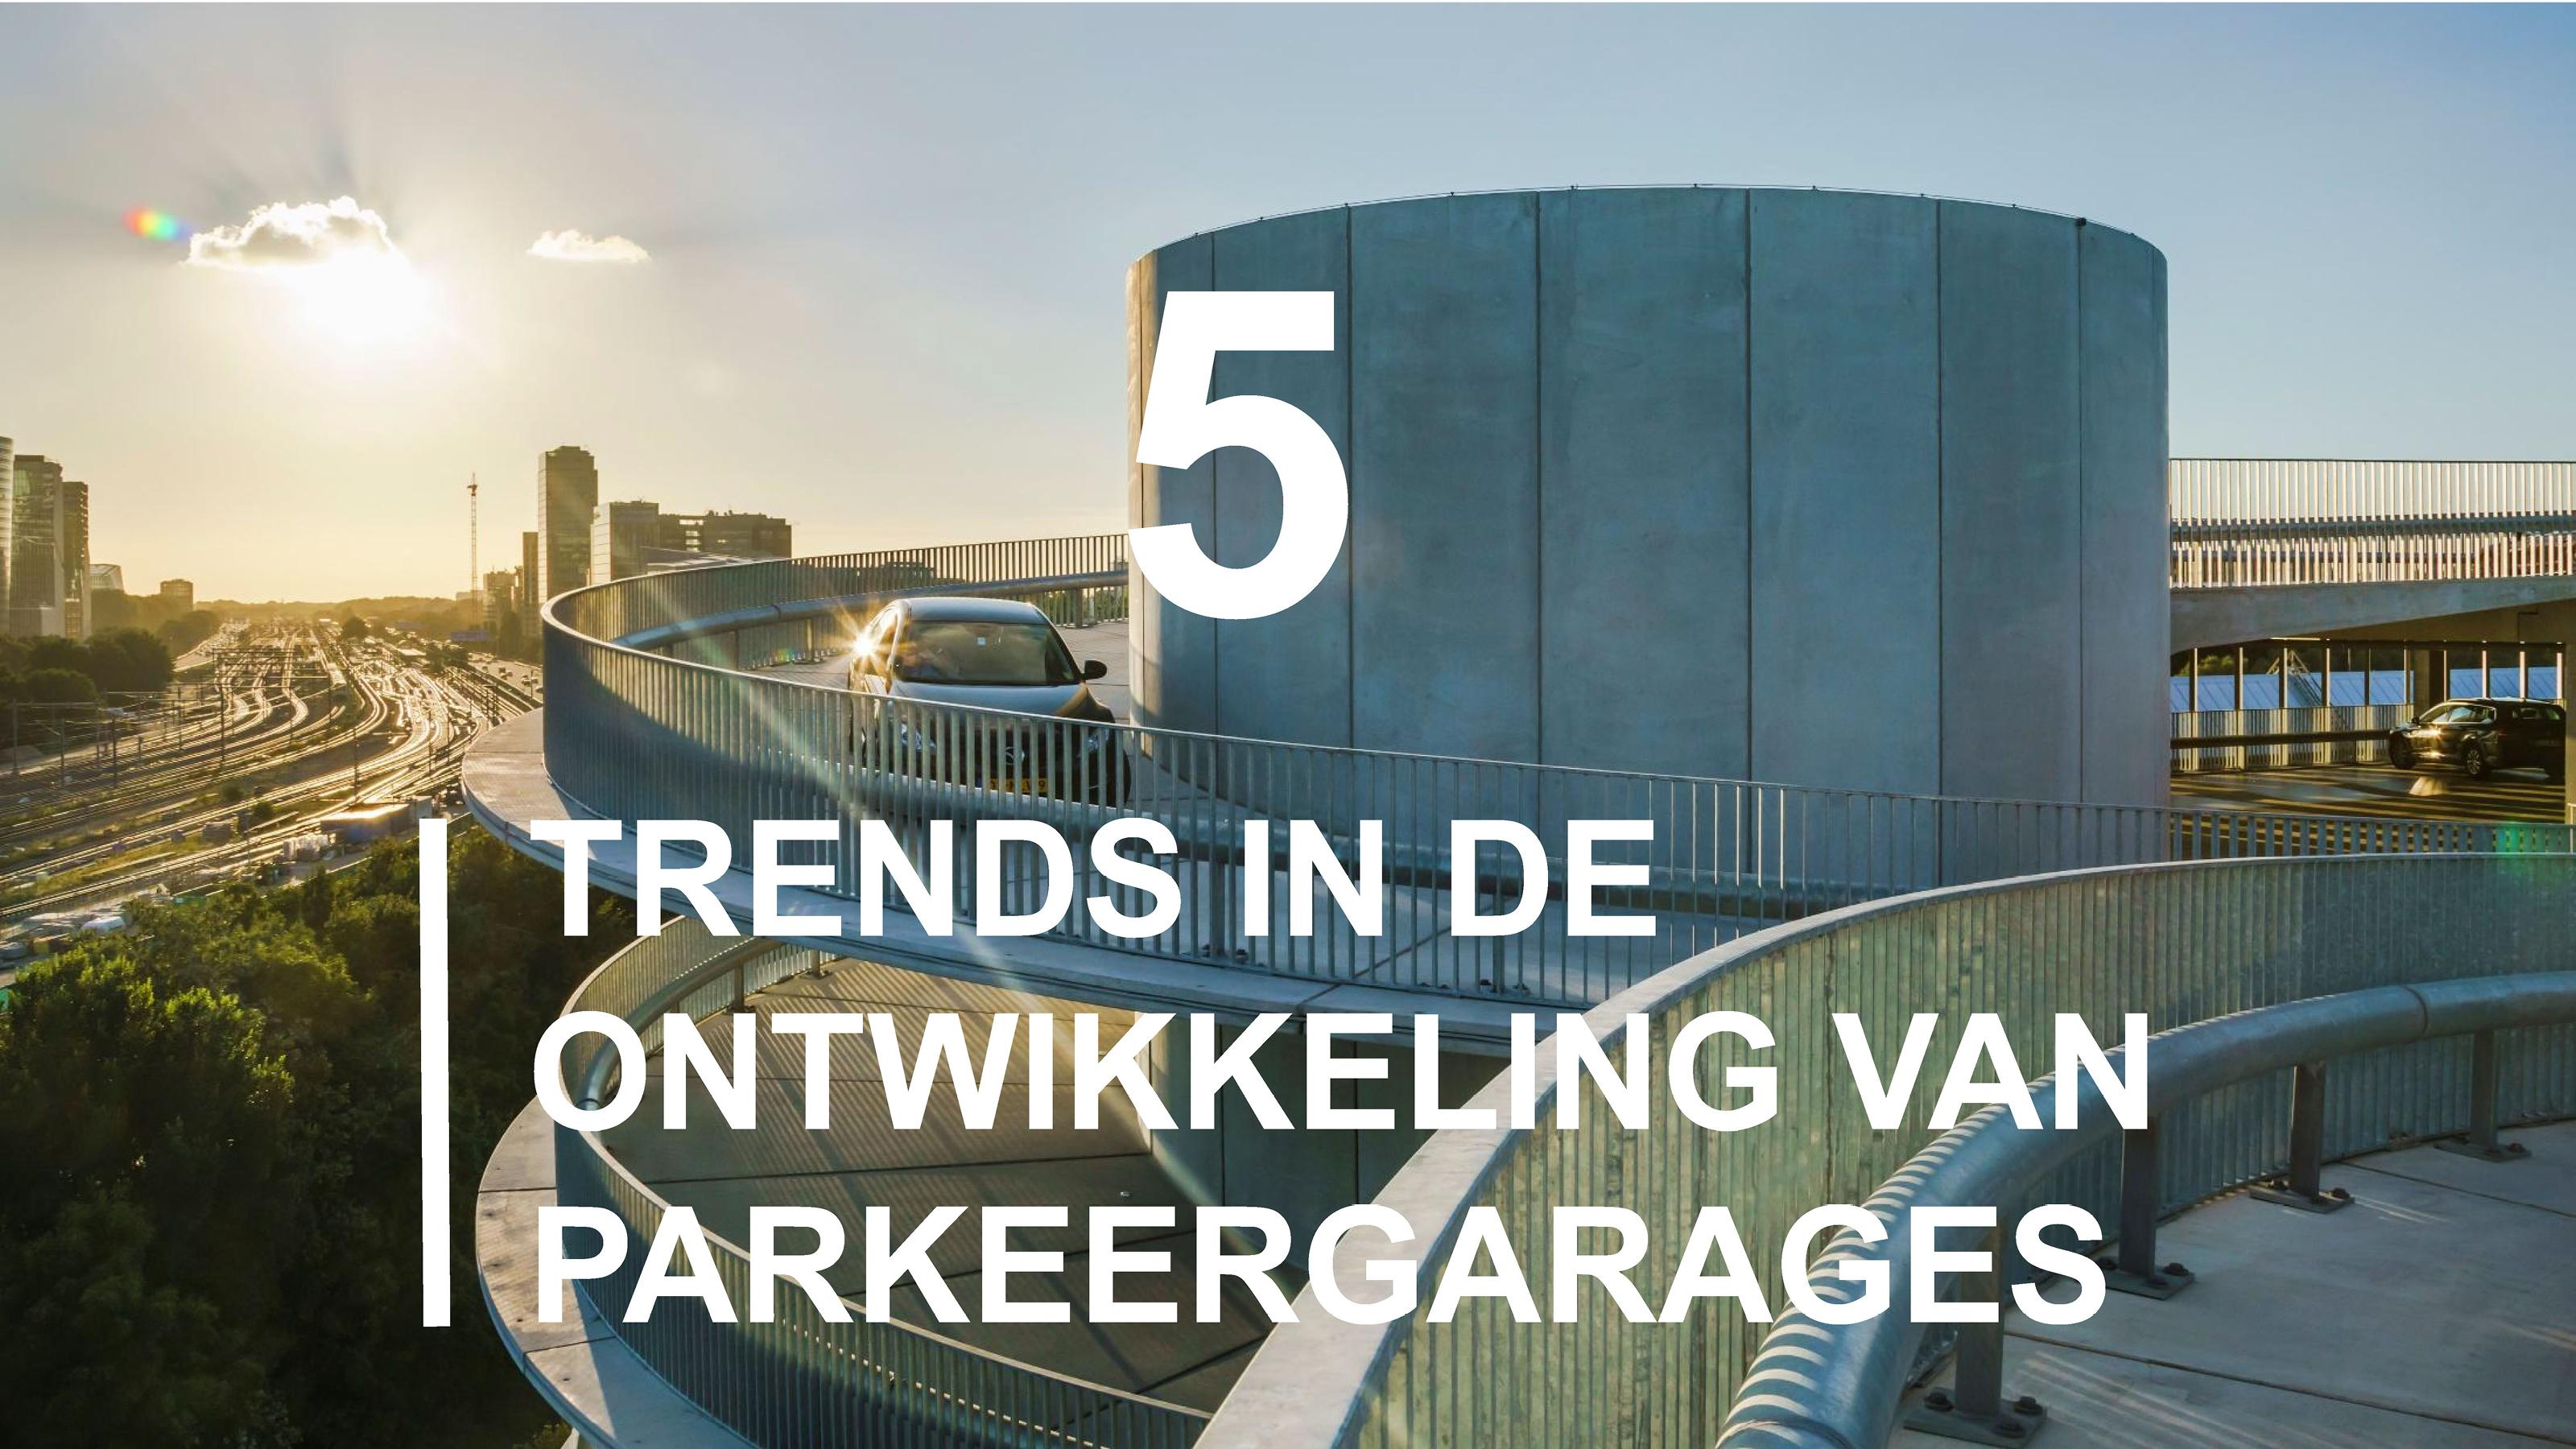 5 Trends in de ontwikkeling van parkeergarages